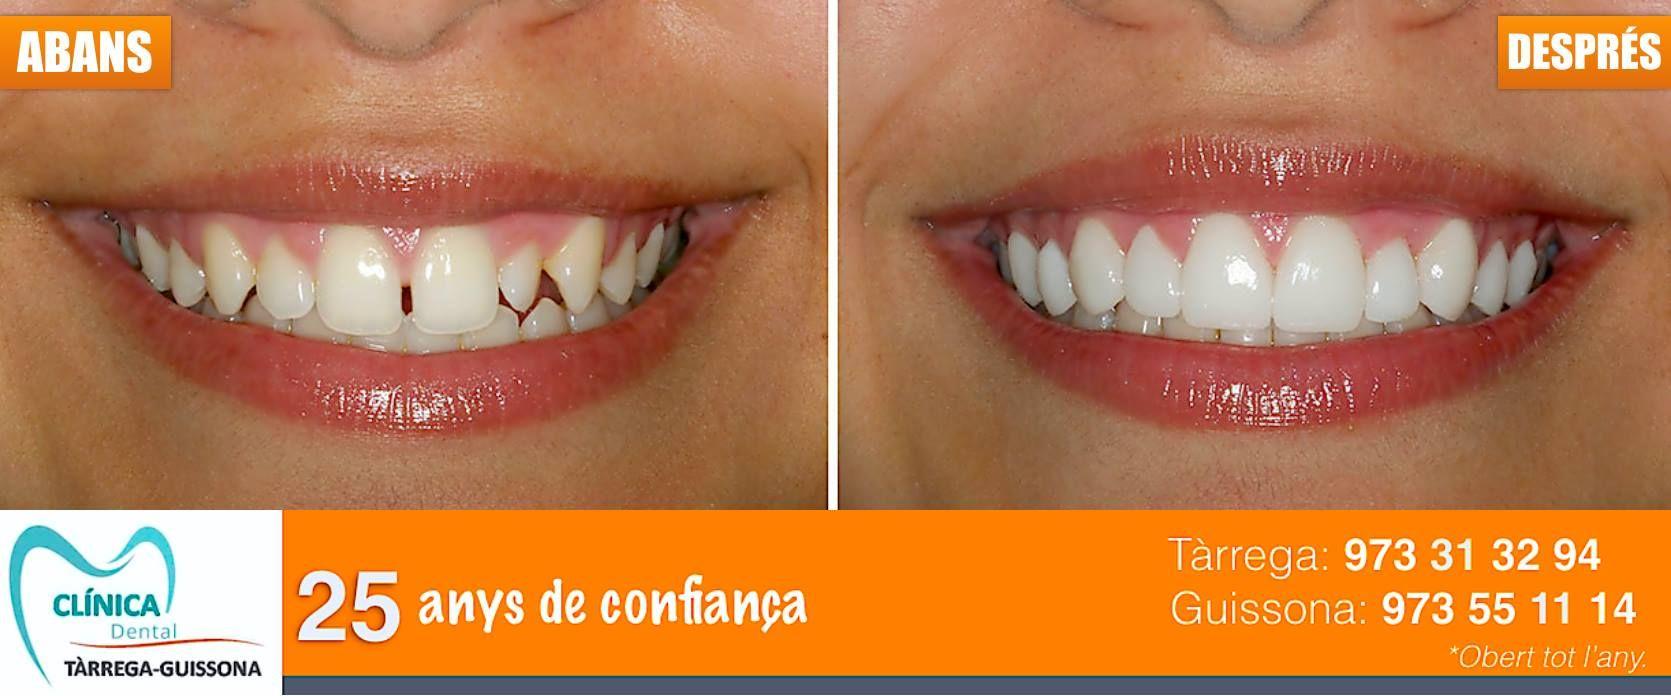 Foto 13 de Clínicas dentales en Tàrrega | Clínica Dental Tárrega - Guissona